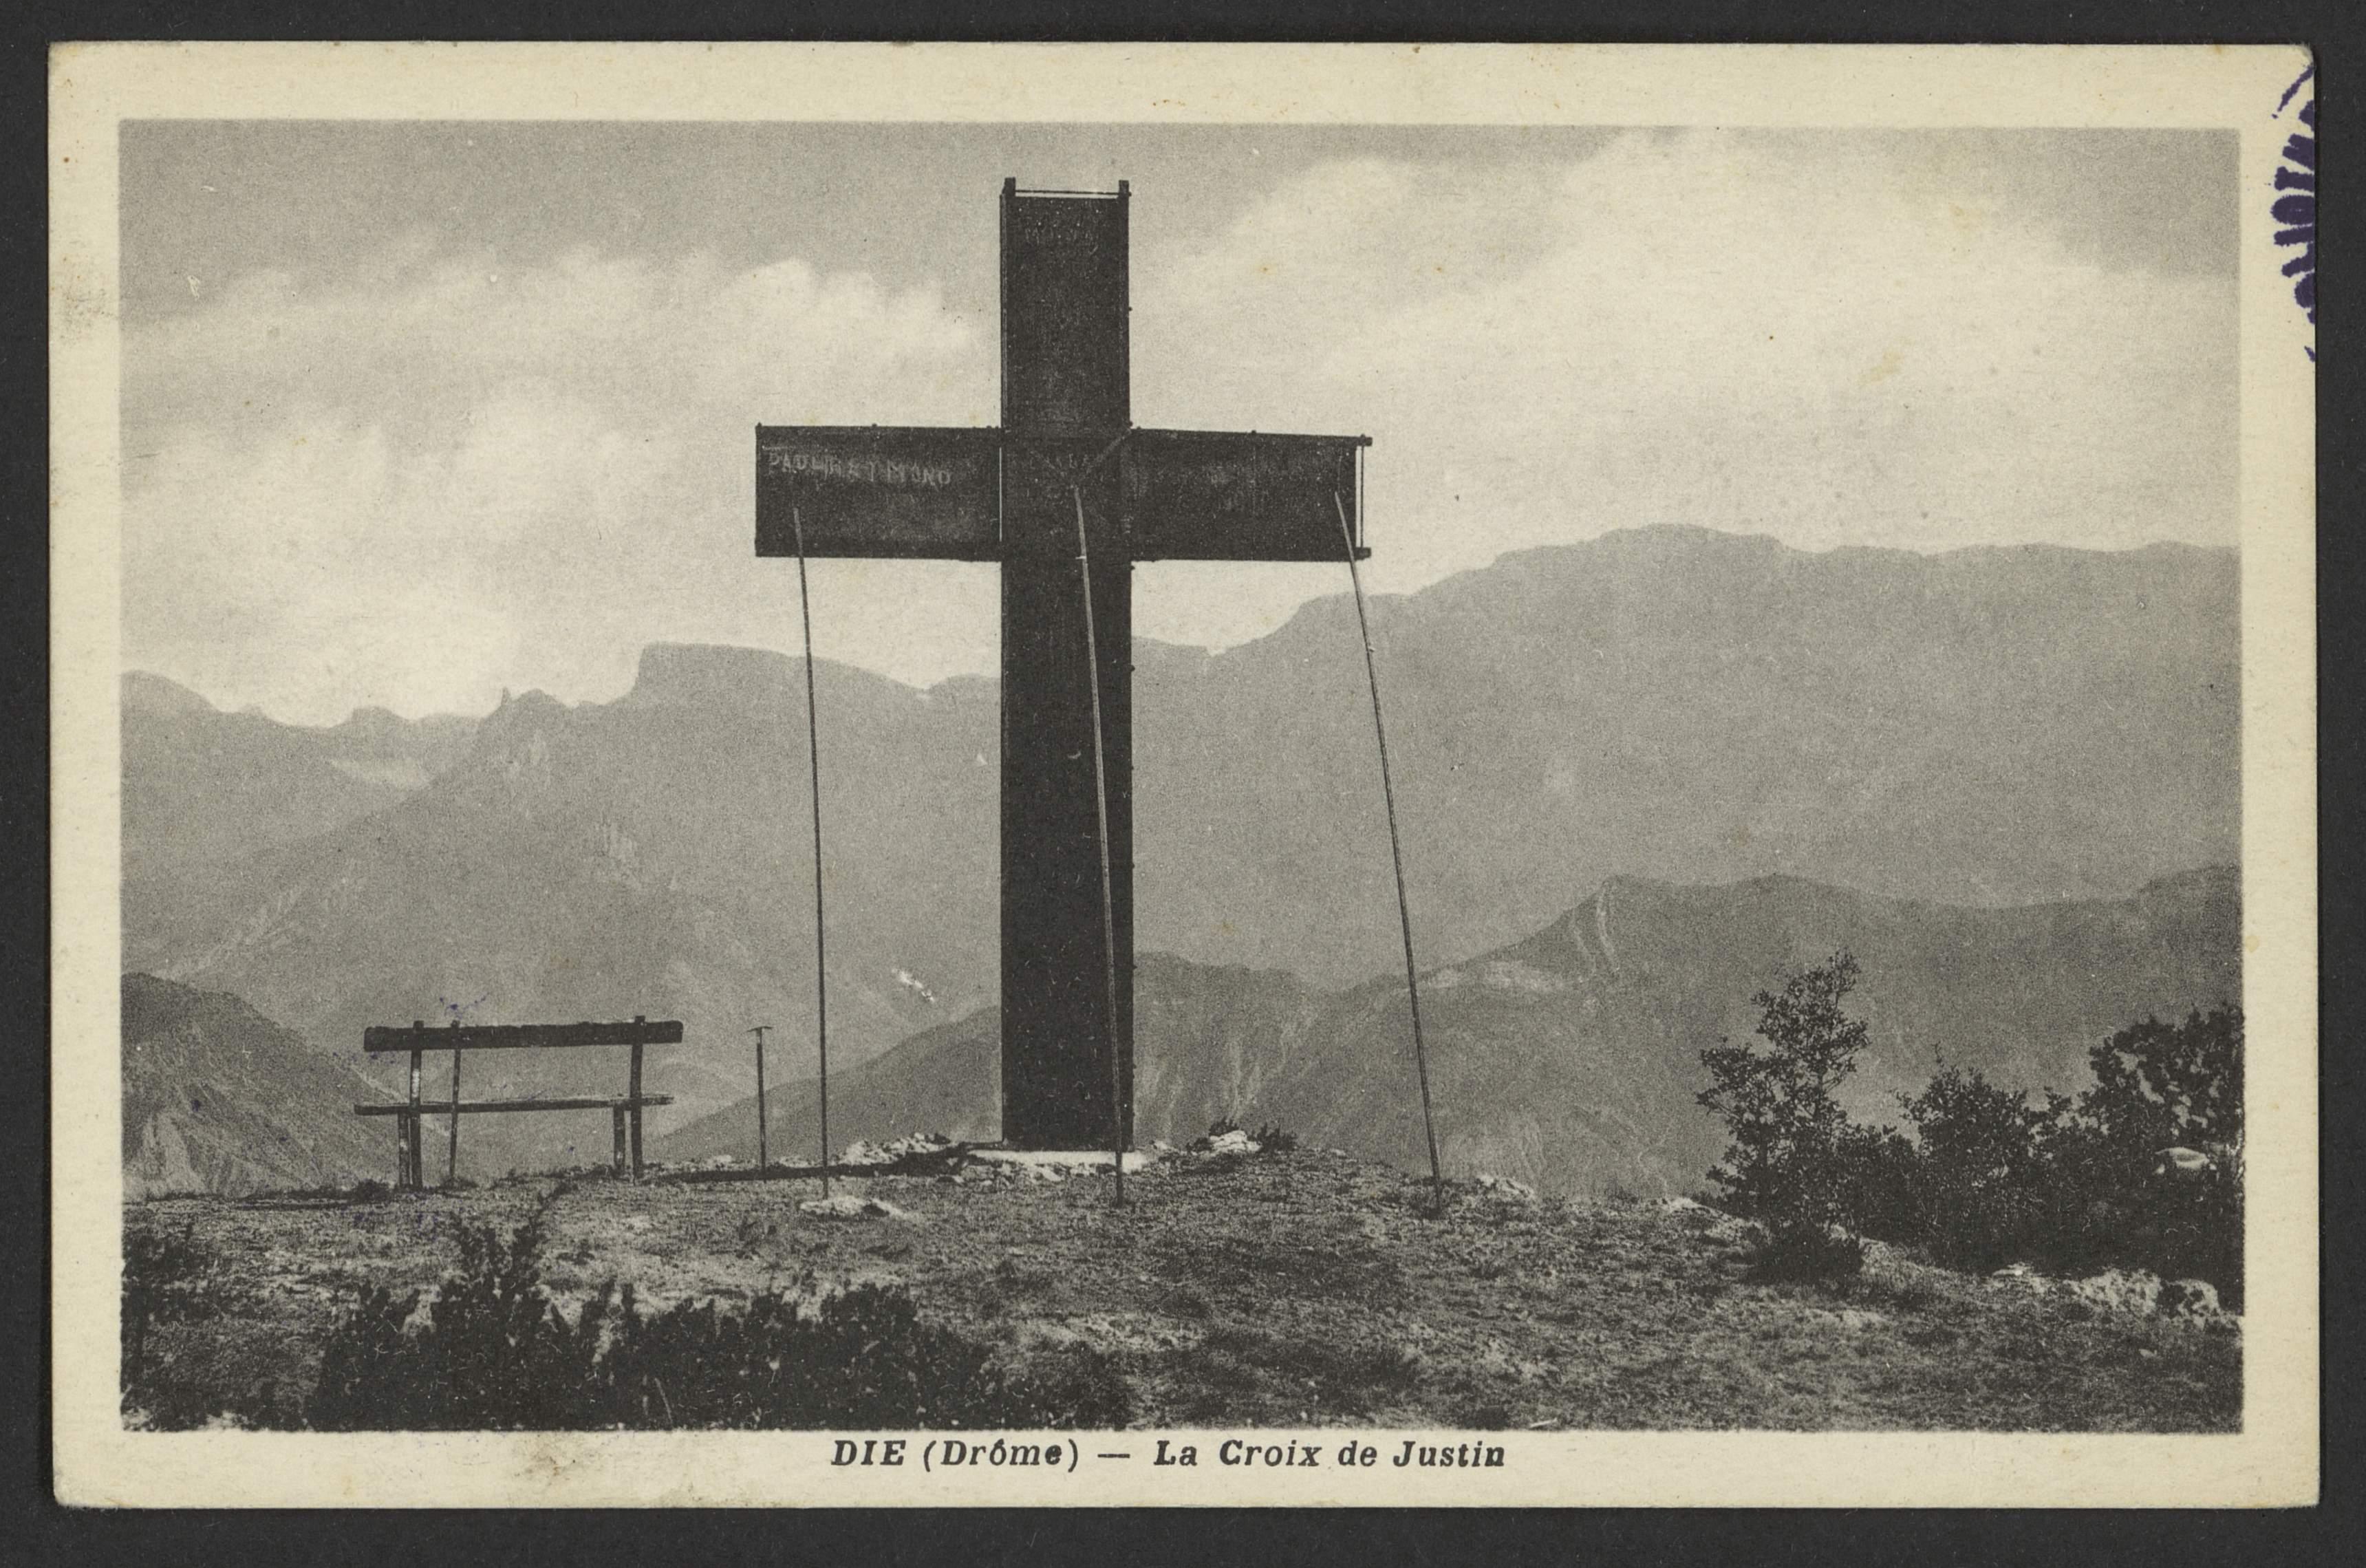 Die (Drôme) - La Croix de Justin